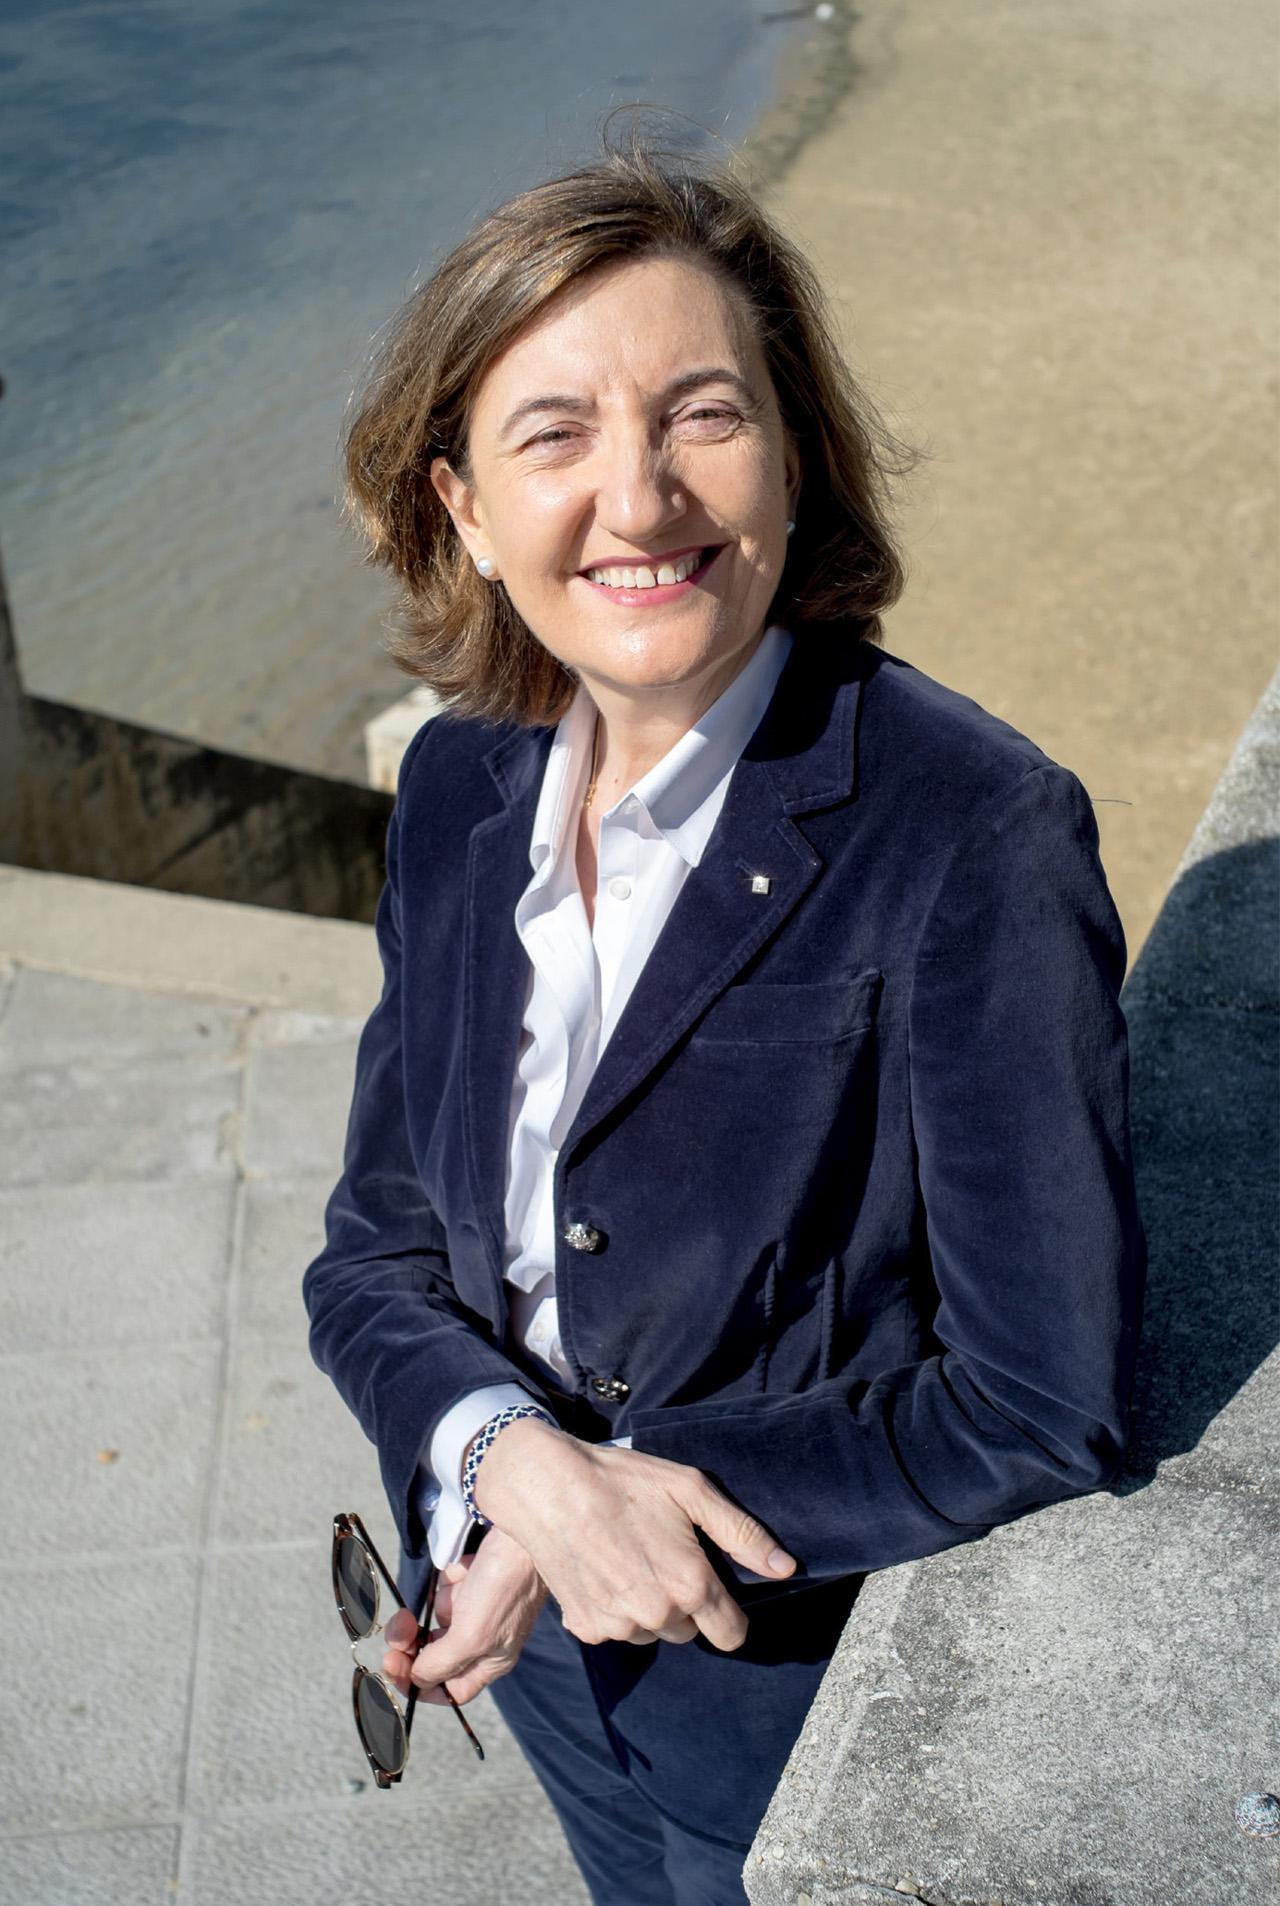 Marisa Crespo, directora de la Unidad de Insuficiencia Cardiaca y Trasplante del Complejo Hospitalario de La Coruña.